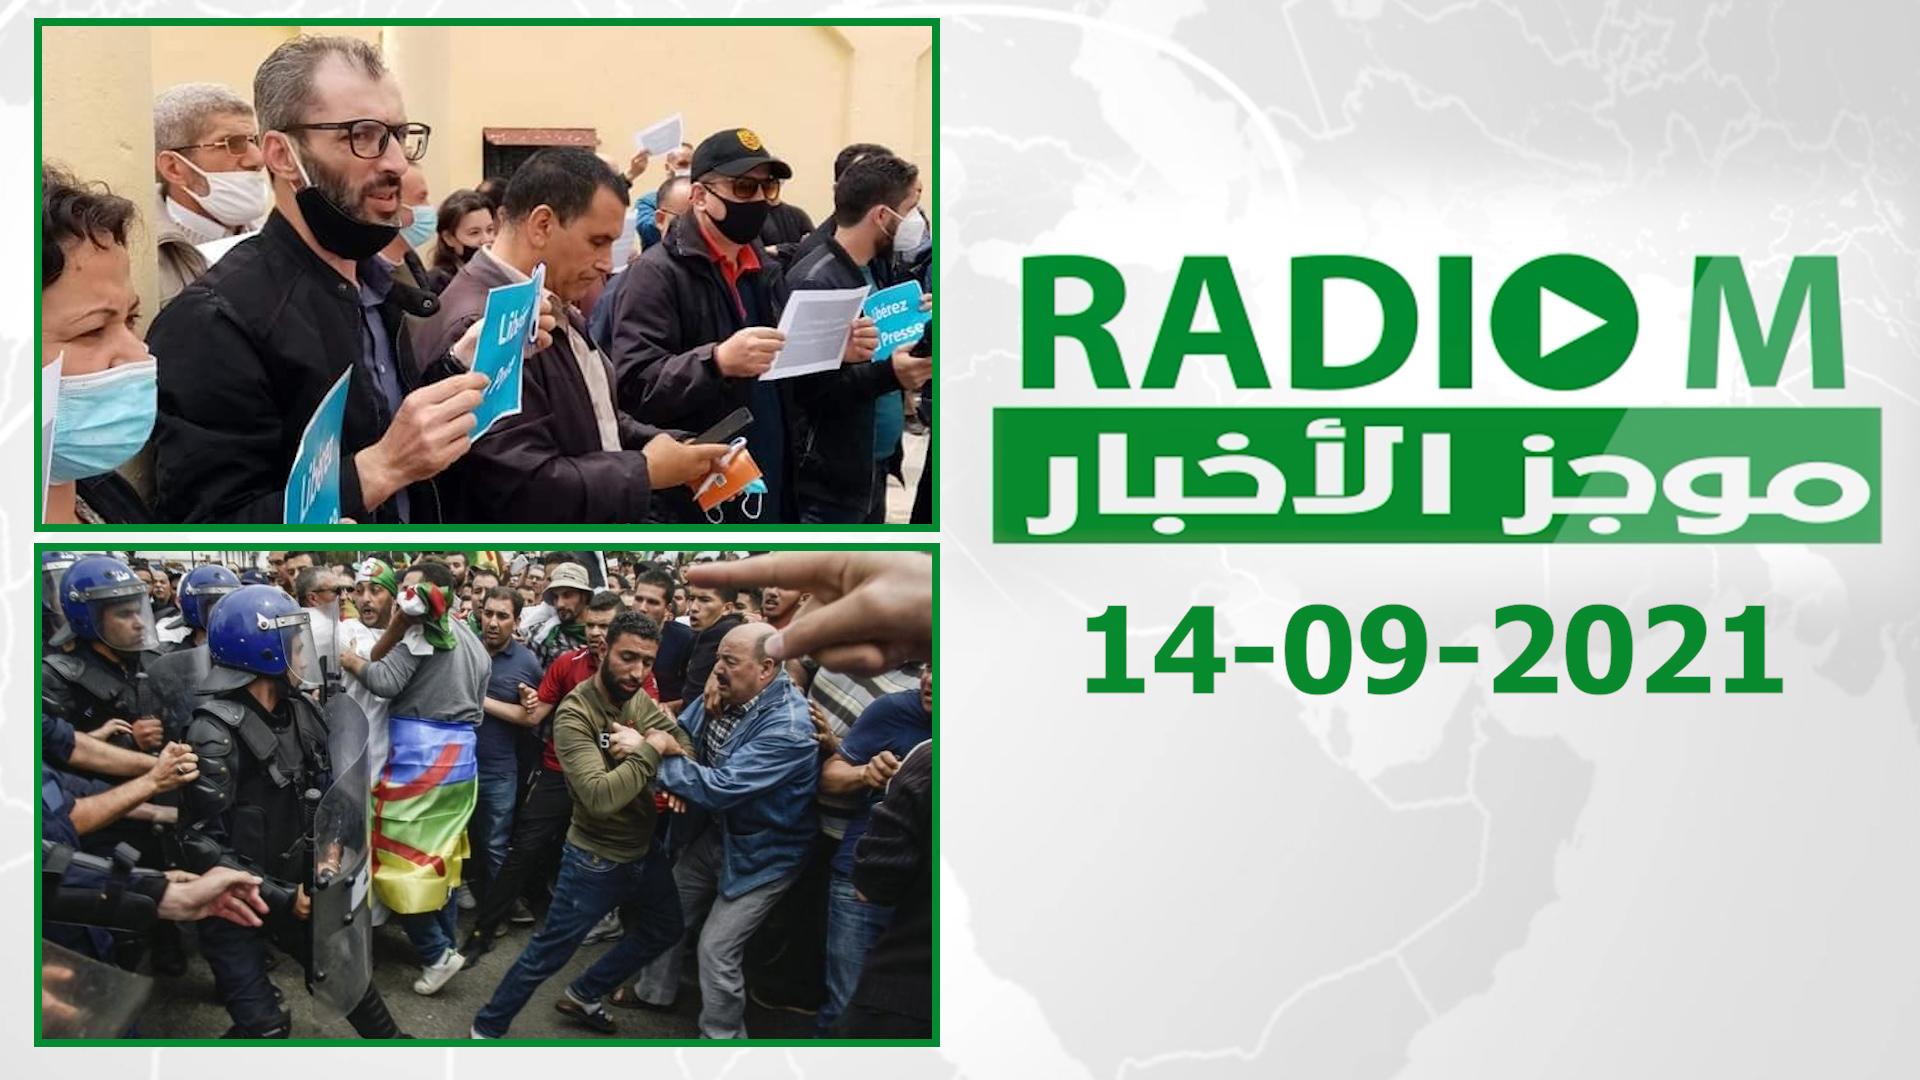 فيديو | موجز الأخبار | صحفي جزائري آخر أمام القضاء ومسلسل إعتقالات النشطاء متواصل